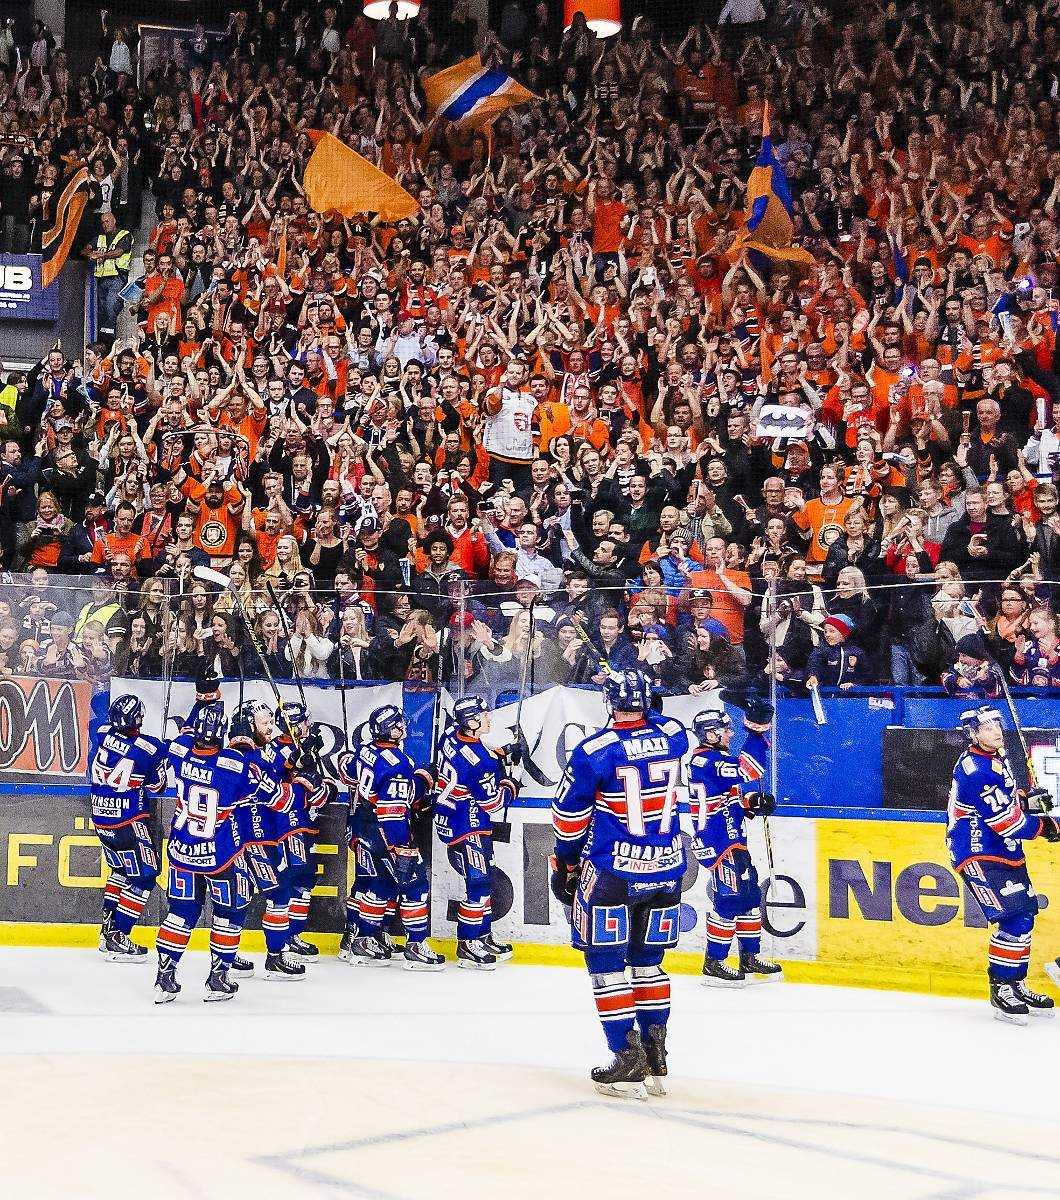 SKILDA VÄRLDAR  Växjö Lakers spelar SM-final i ishockey samtidigt som Östers IF harvar i division 1 efter att ha åkt ur superettan i fjol. För några år sedan var det motsatta styrkeförhållanden.